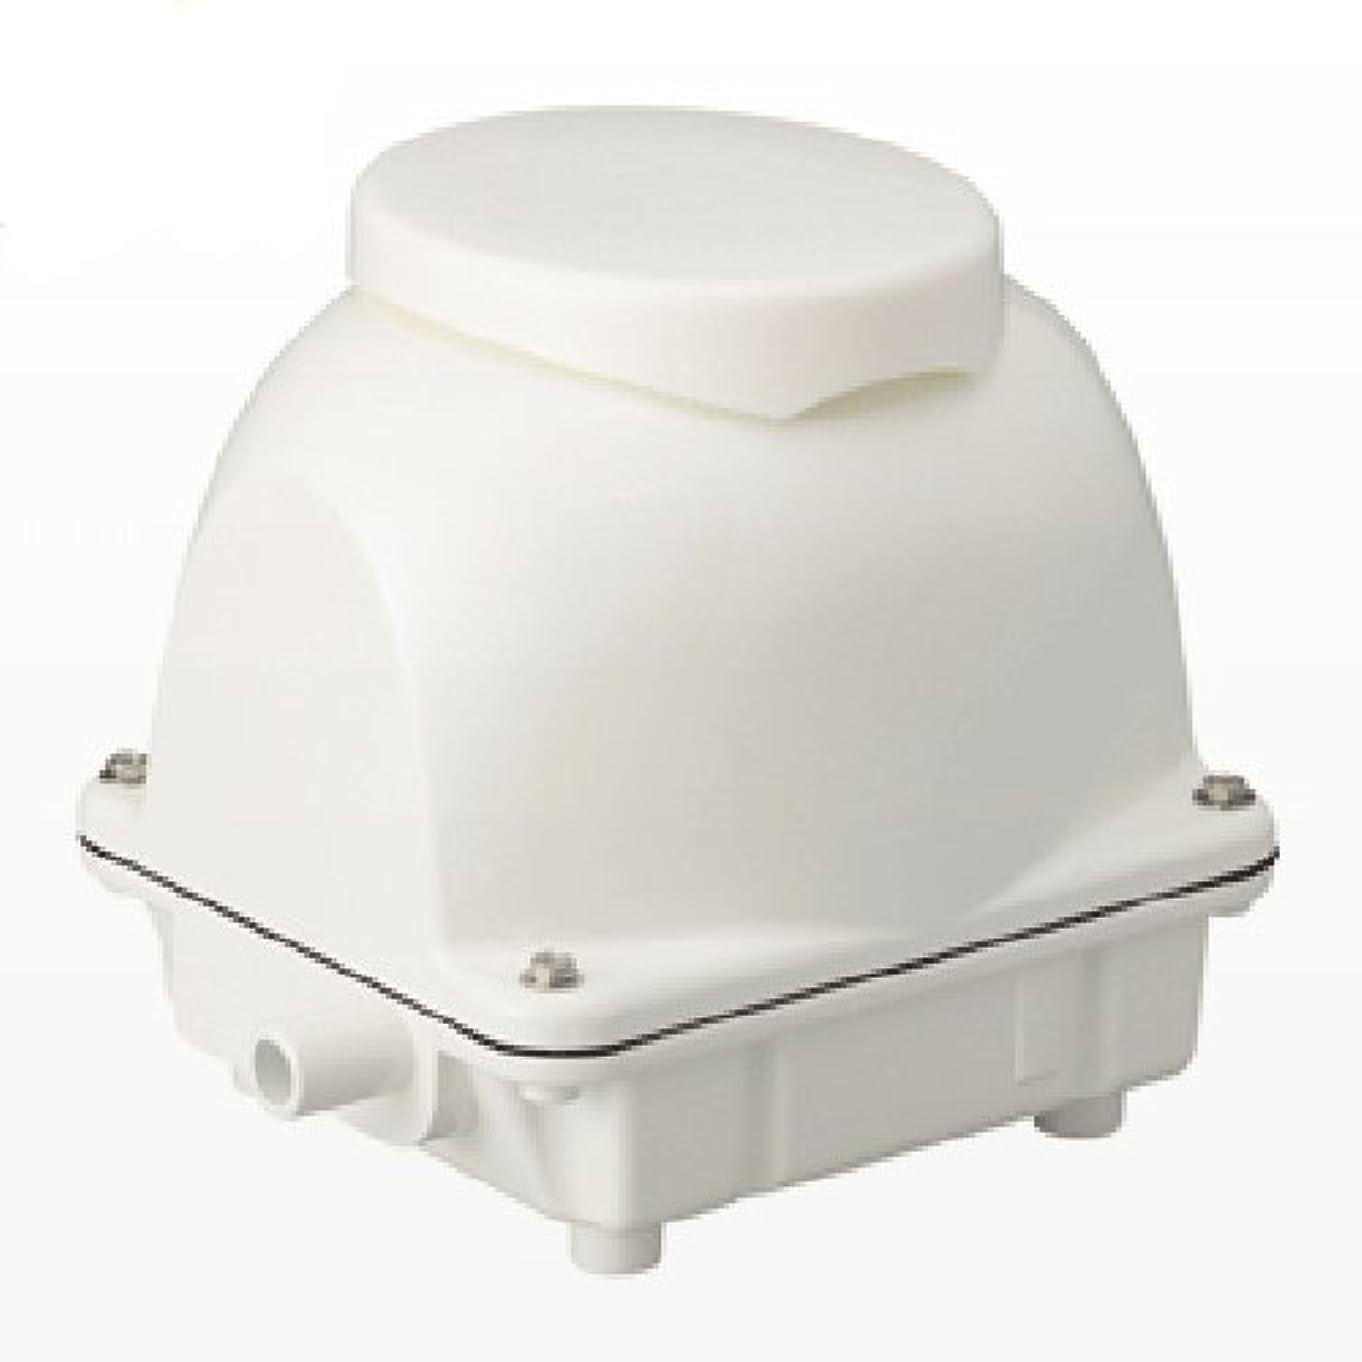 明らかに添付群れフジクリーン(旧マルカ) 浄化槽ブロワ 80L/min EcoMAC80 (MAC80N MAC80R後継機種)